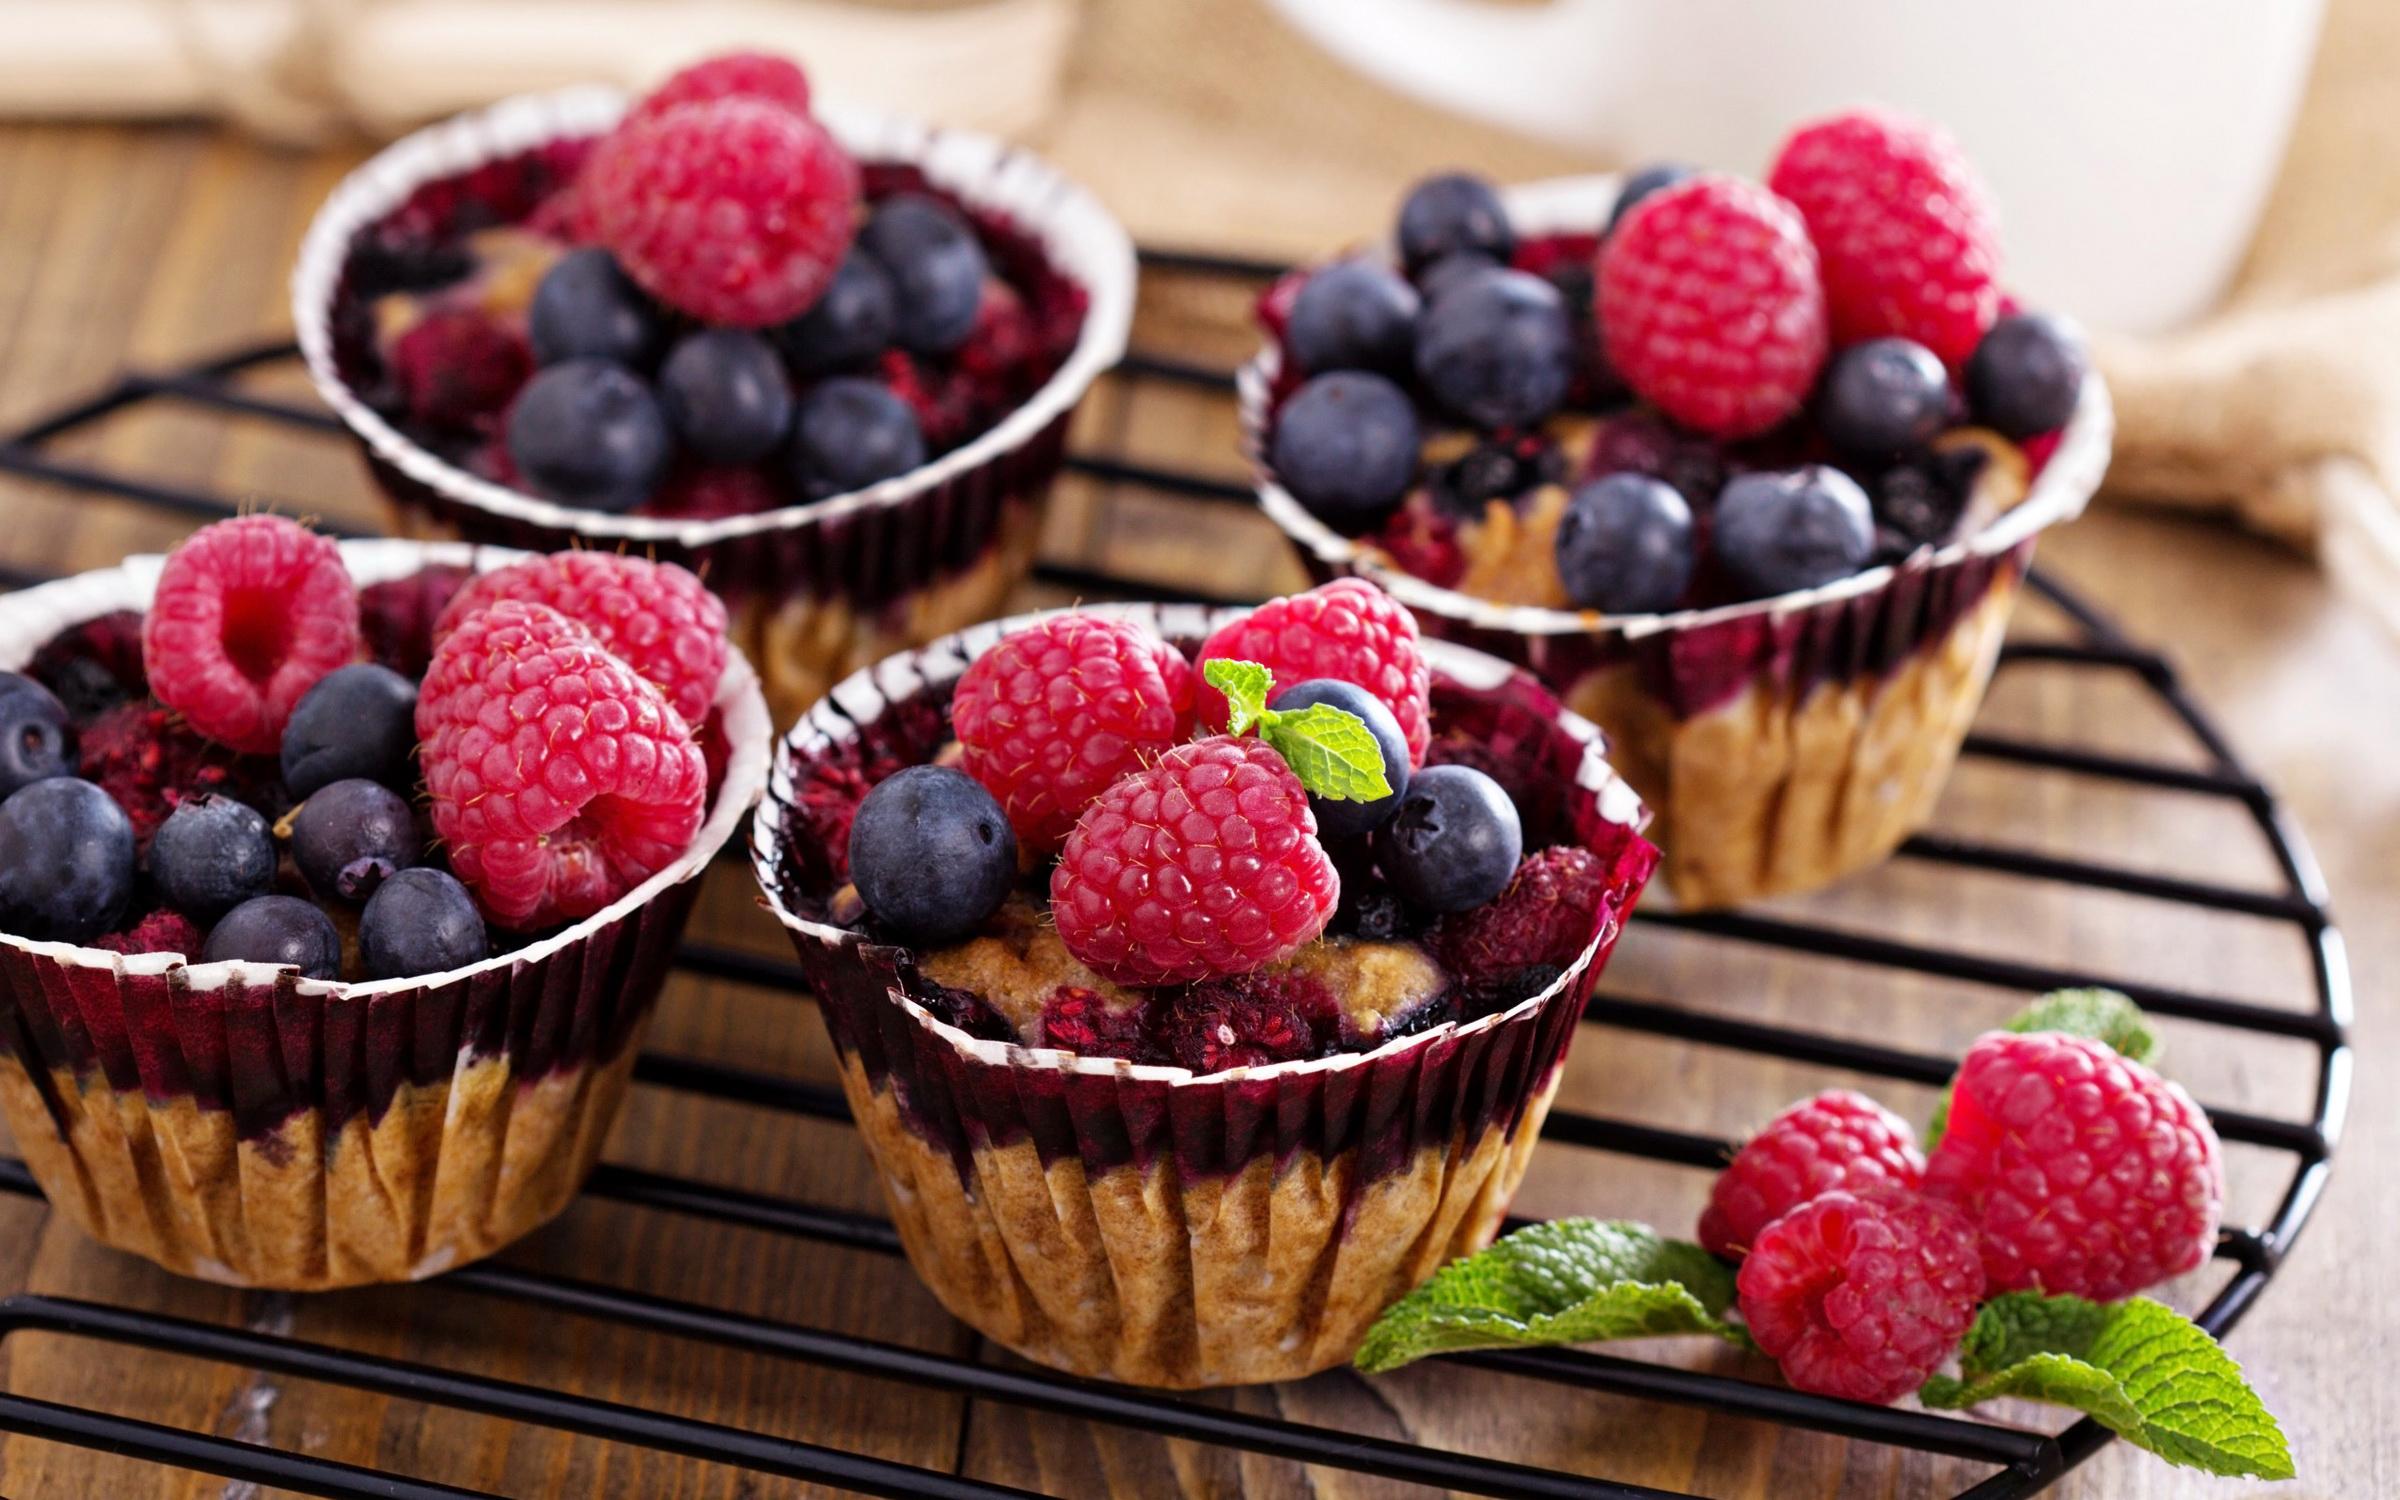 еда торт фрукты загрузить